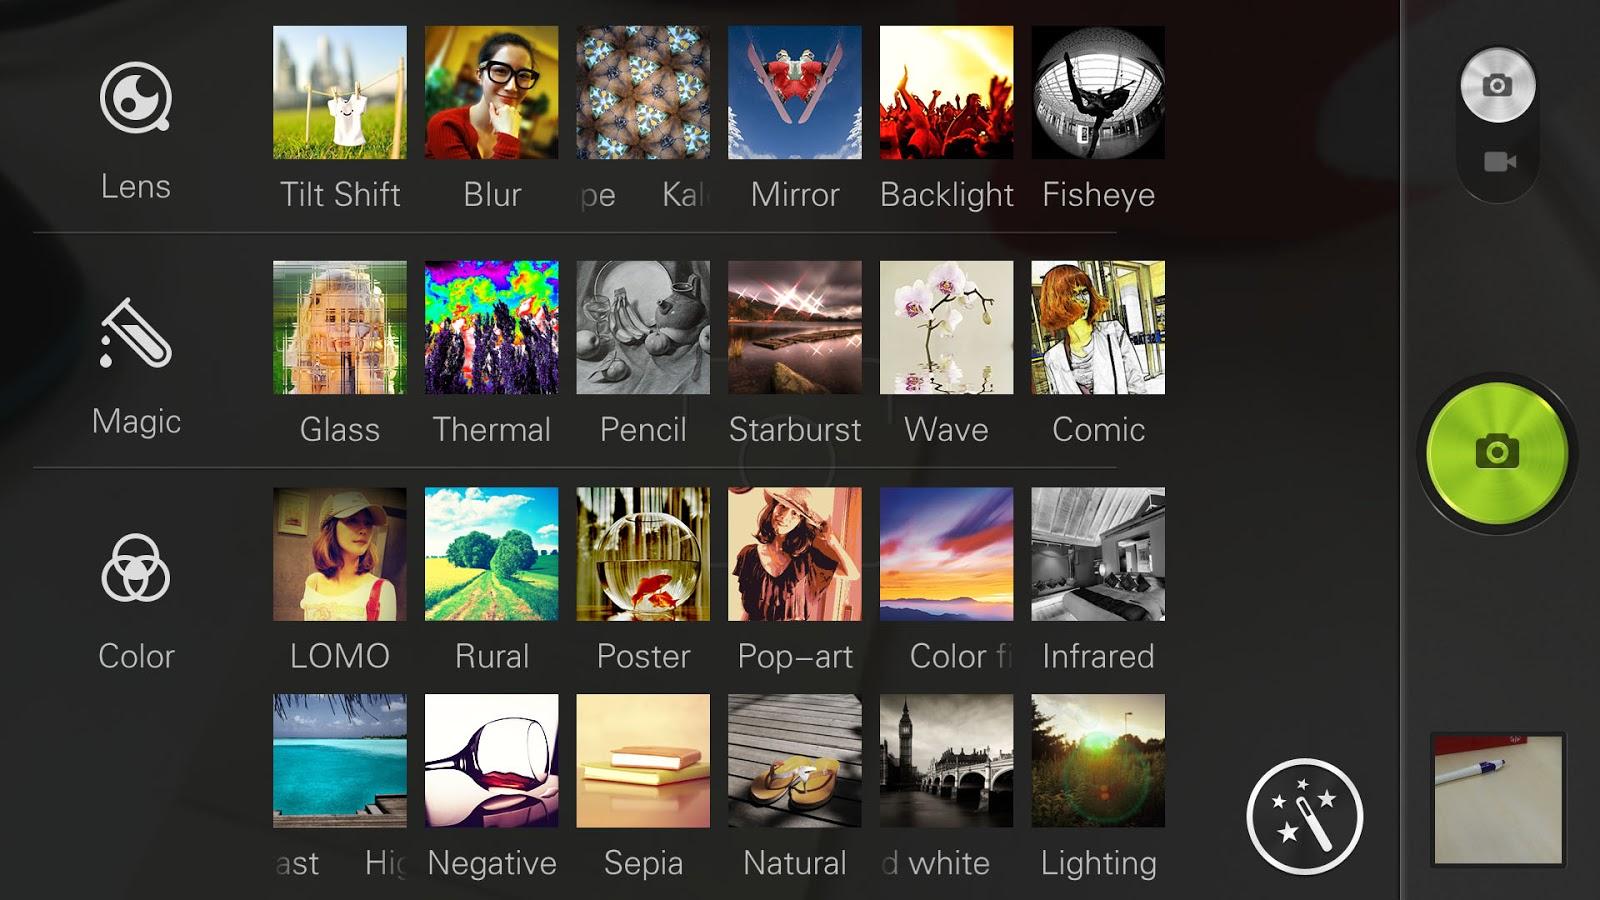 Lenovo super camera apk port to any andriod phone   Tech_Ninjaz